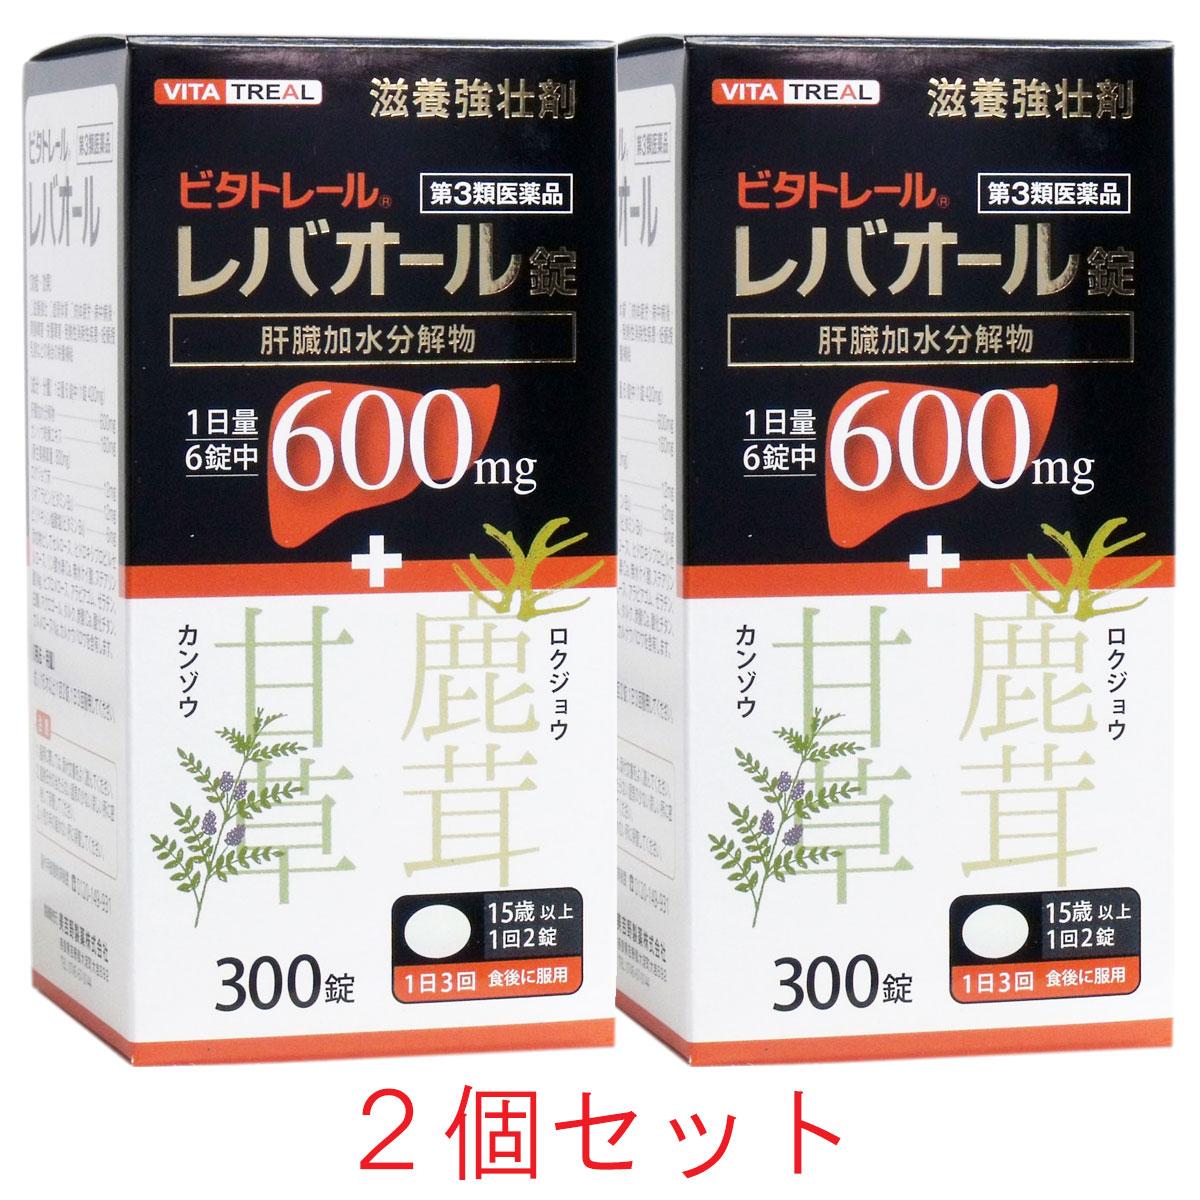 【第3類医薬品】 ビタトレール レバオール錠 300錠 2個セット